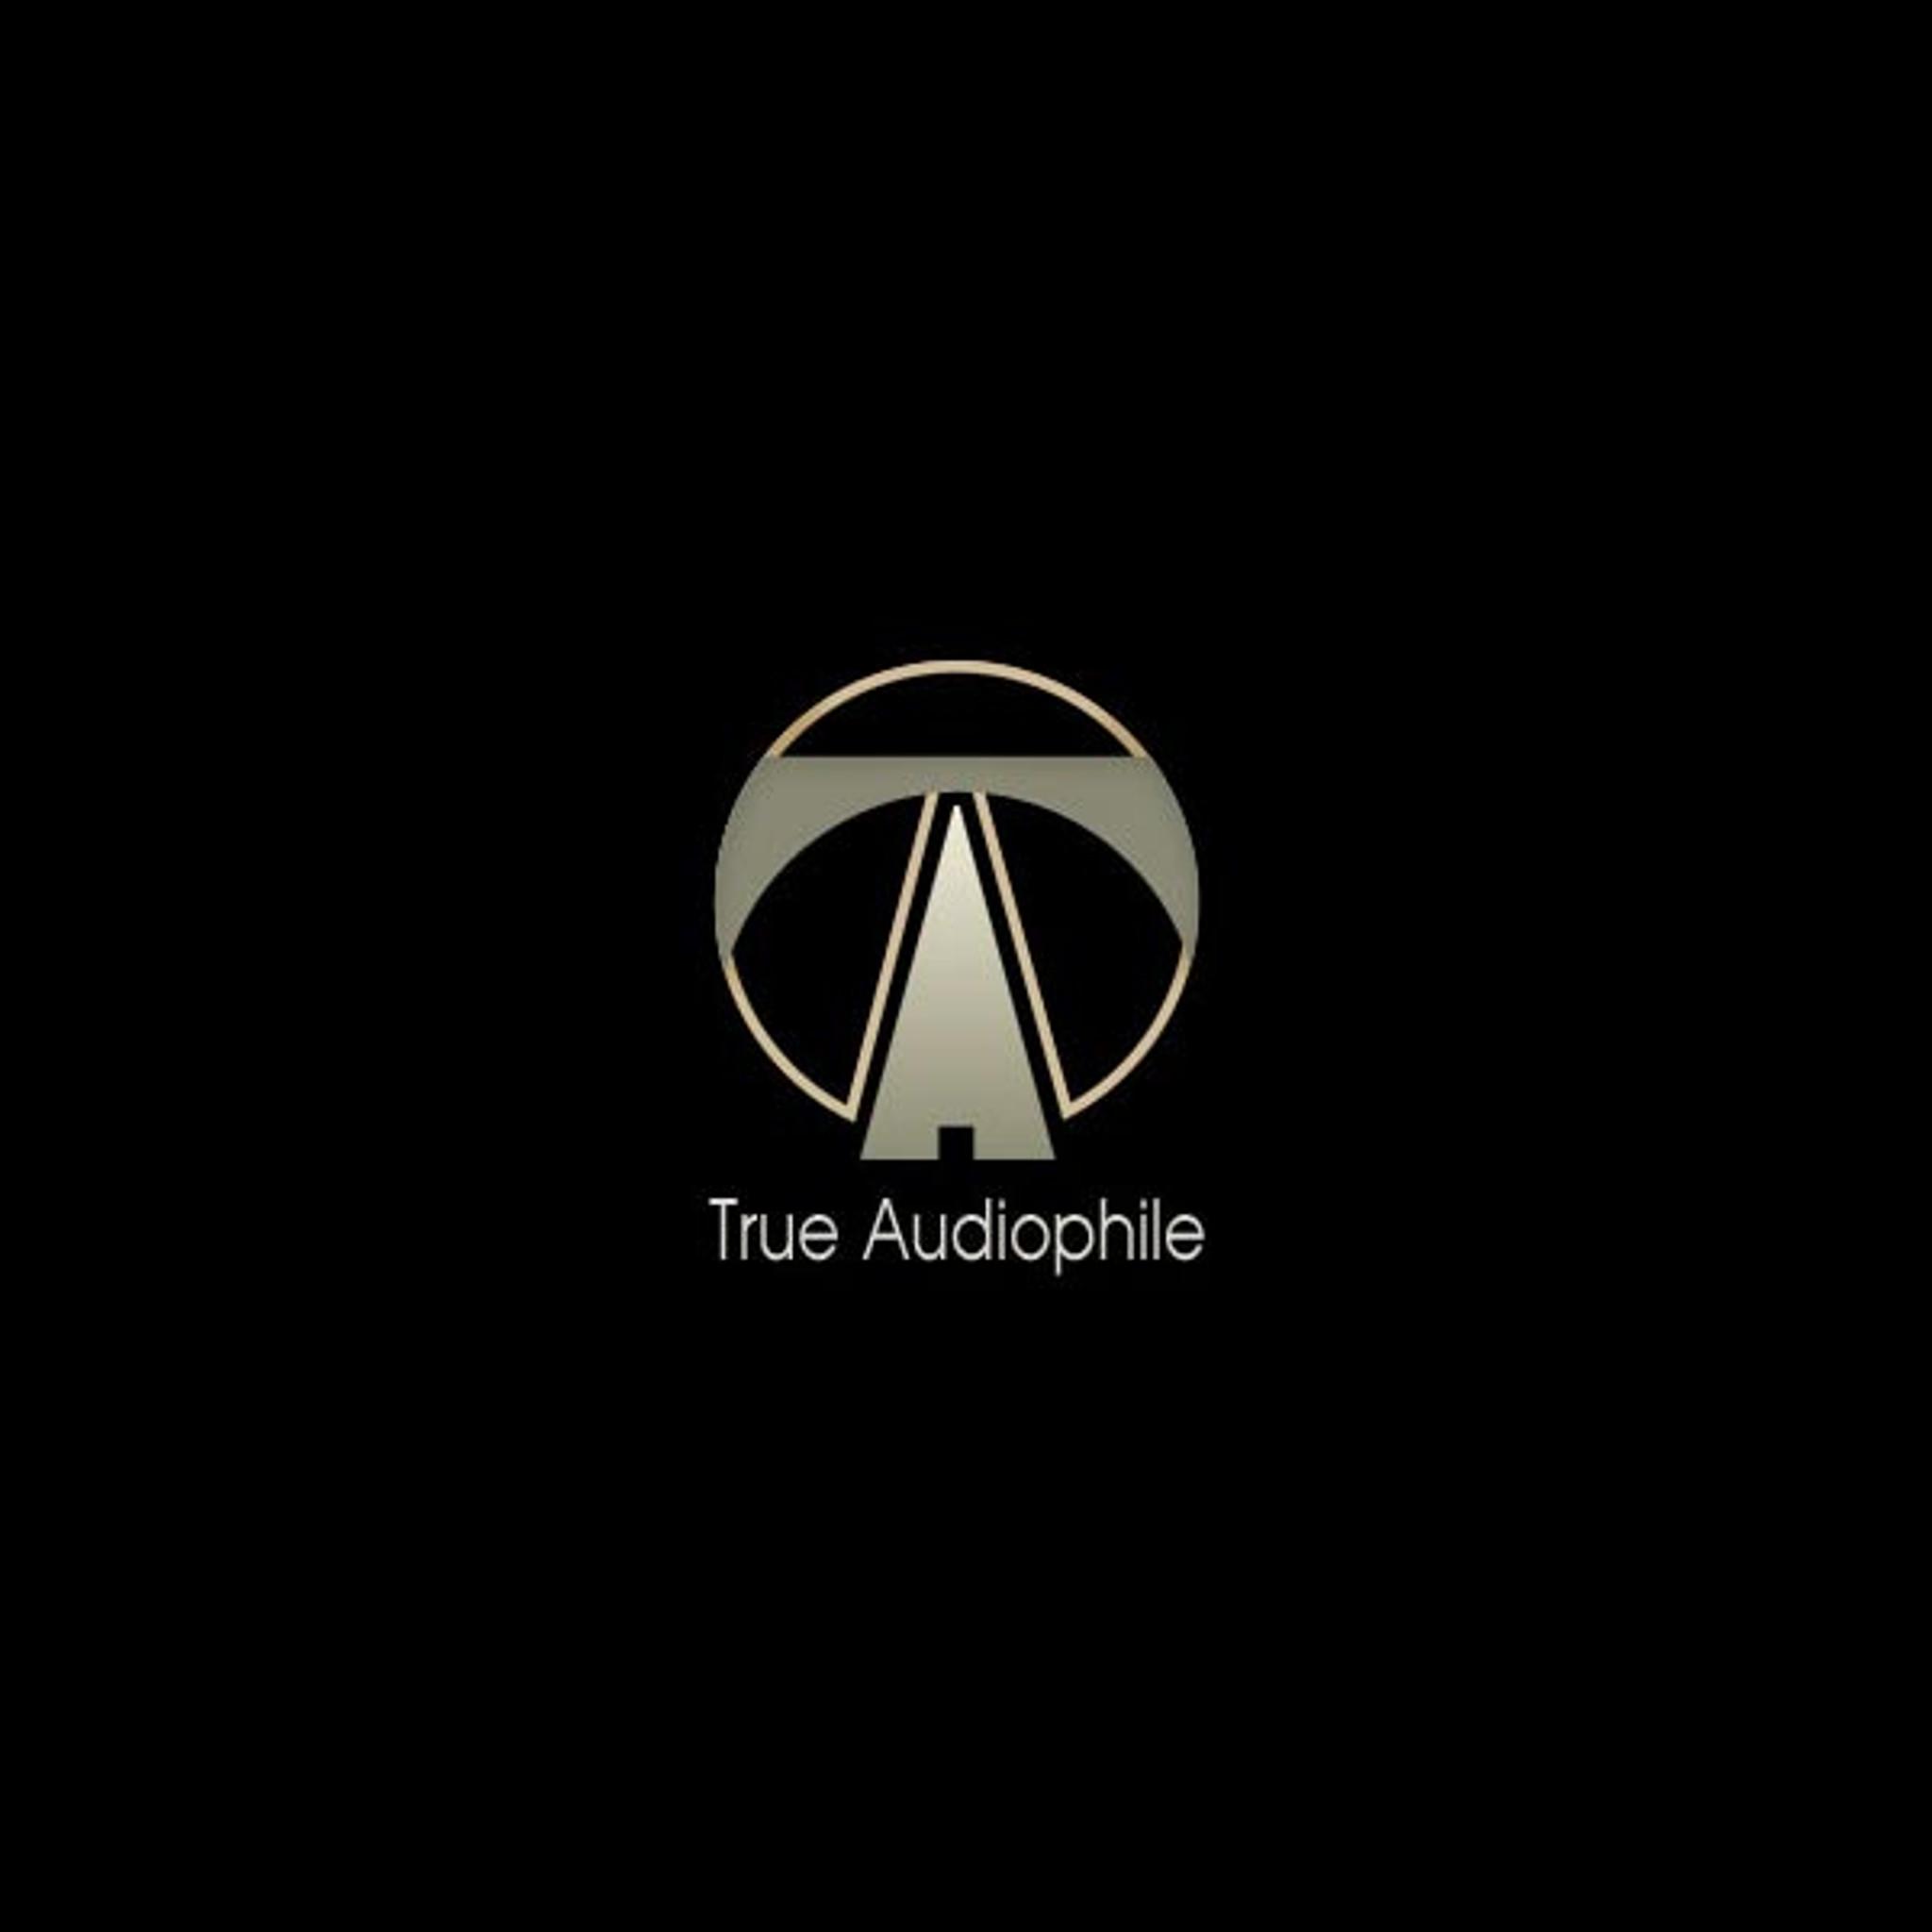 True Audiophile